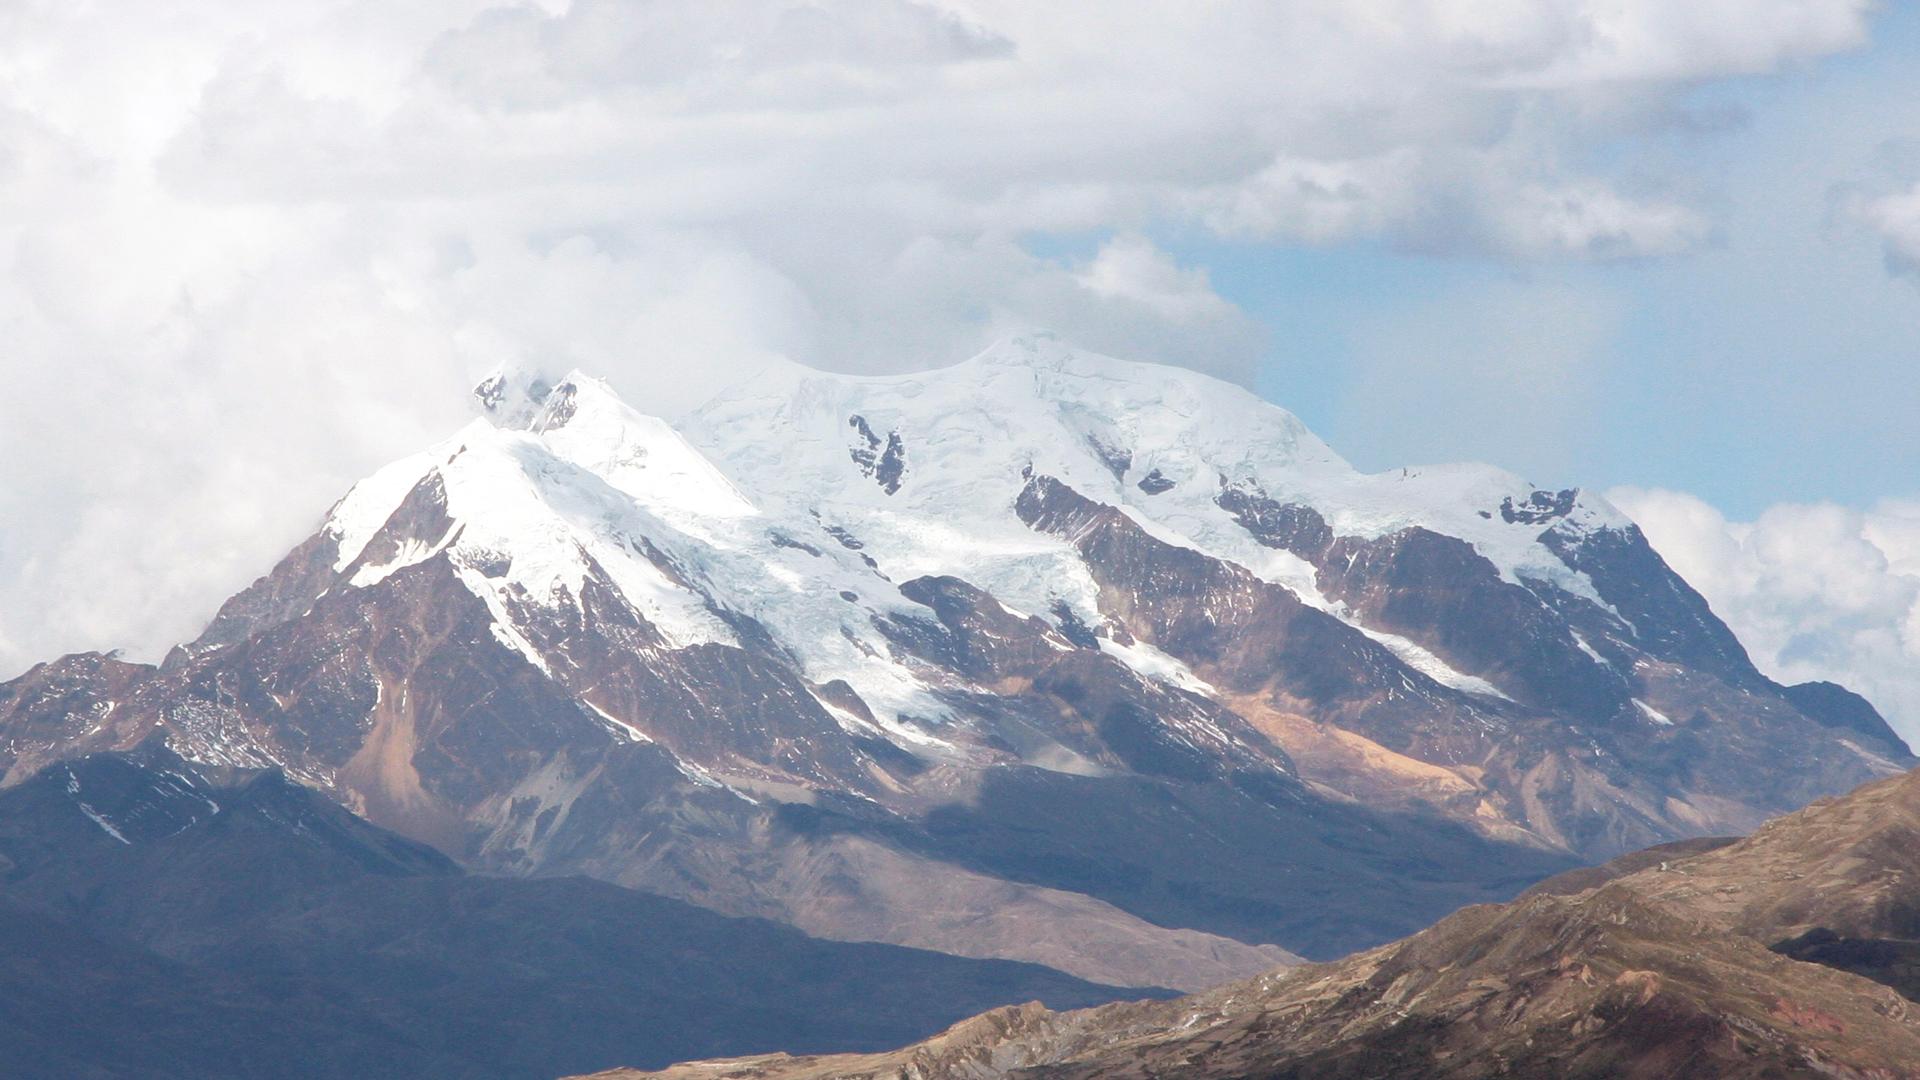 Illimani, la montaña más alta de la Cordillera Real en La Paz, Bolivia.